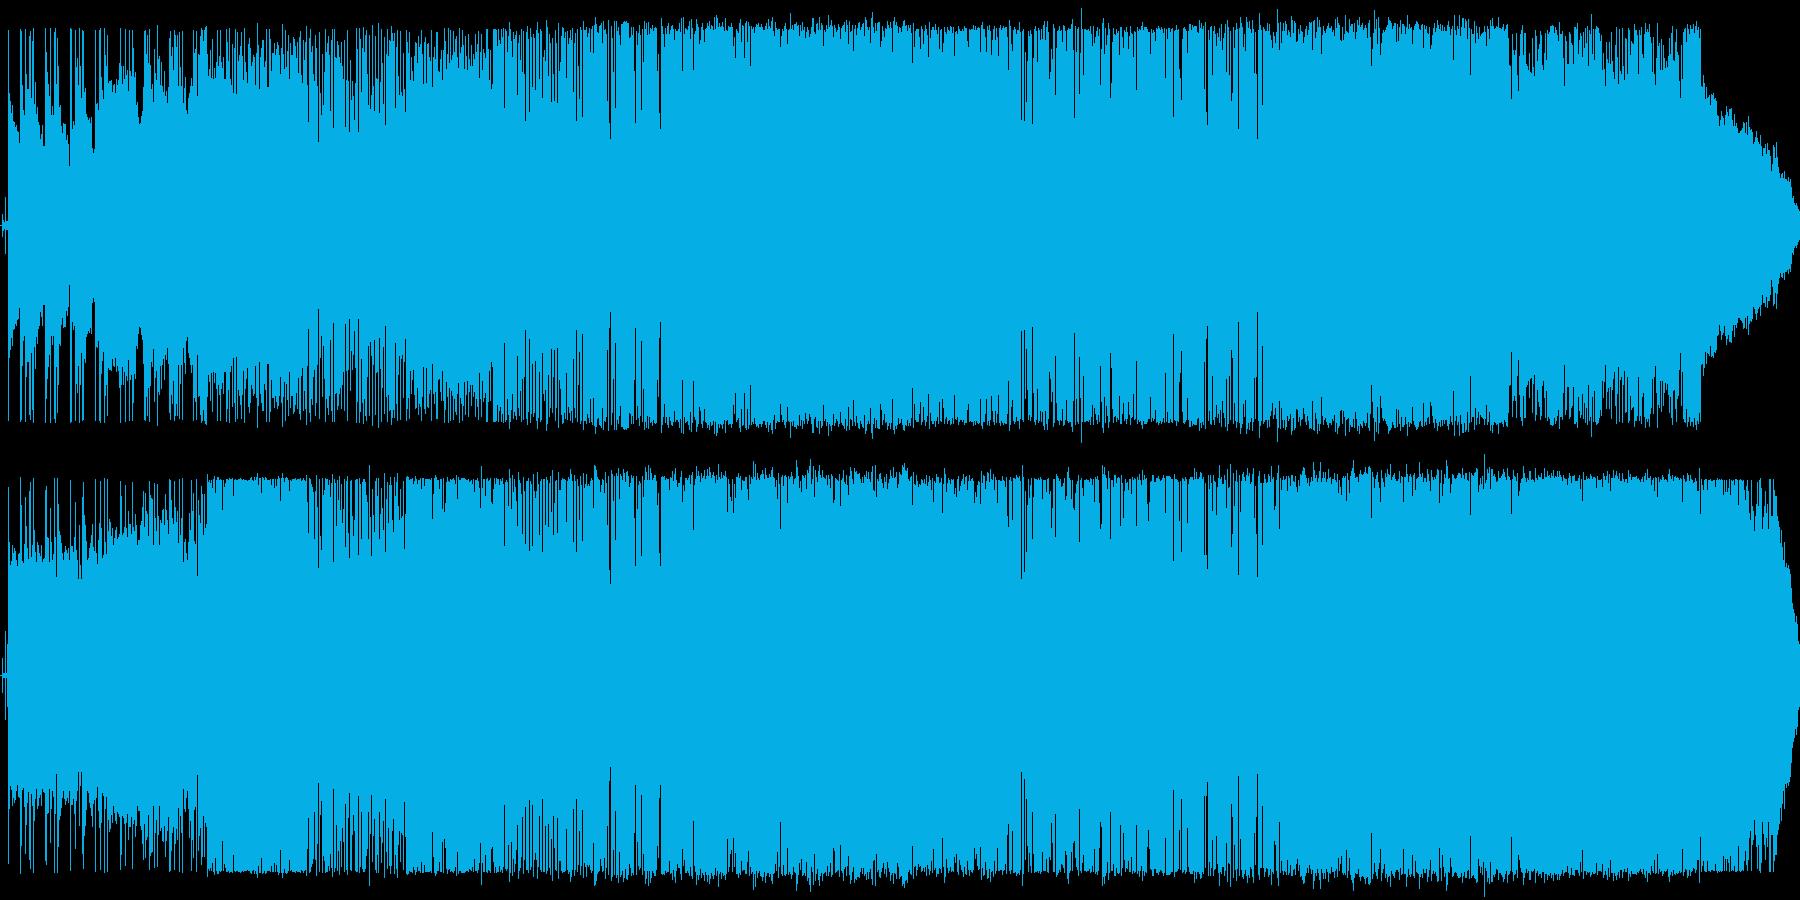 切ないピアノ、轟音のギターが特徴的な楽曲の再生済みの波形